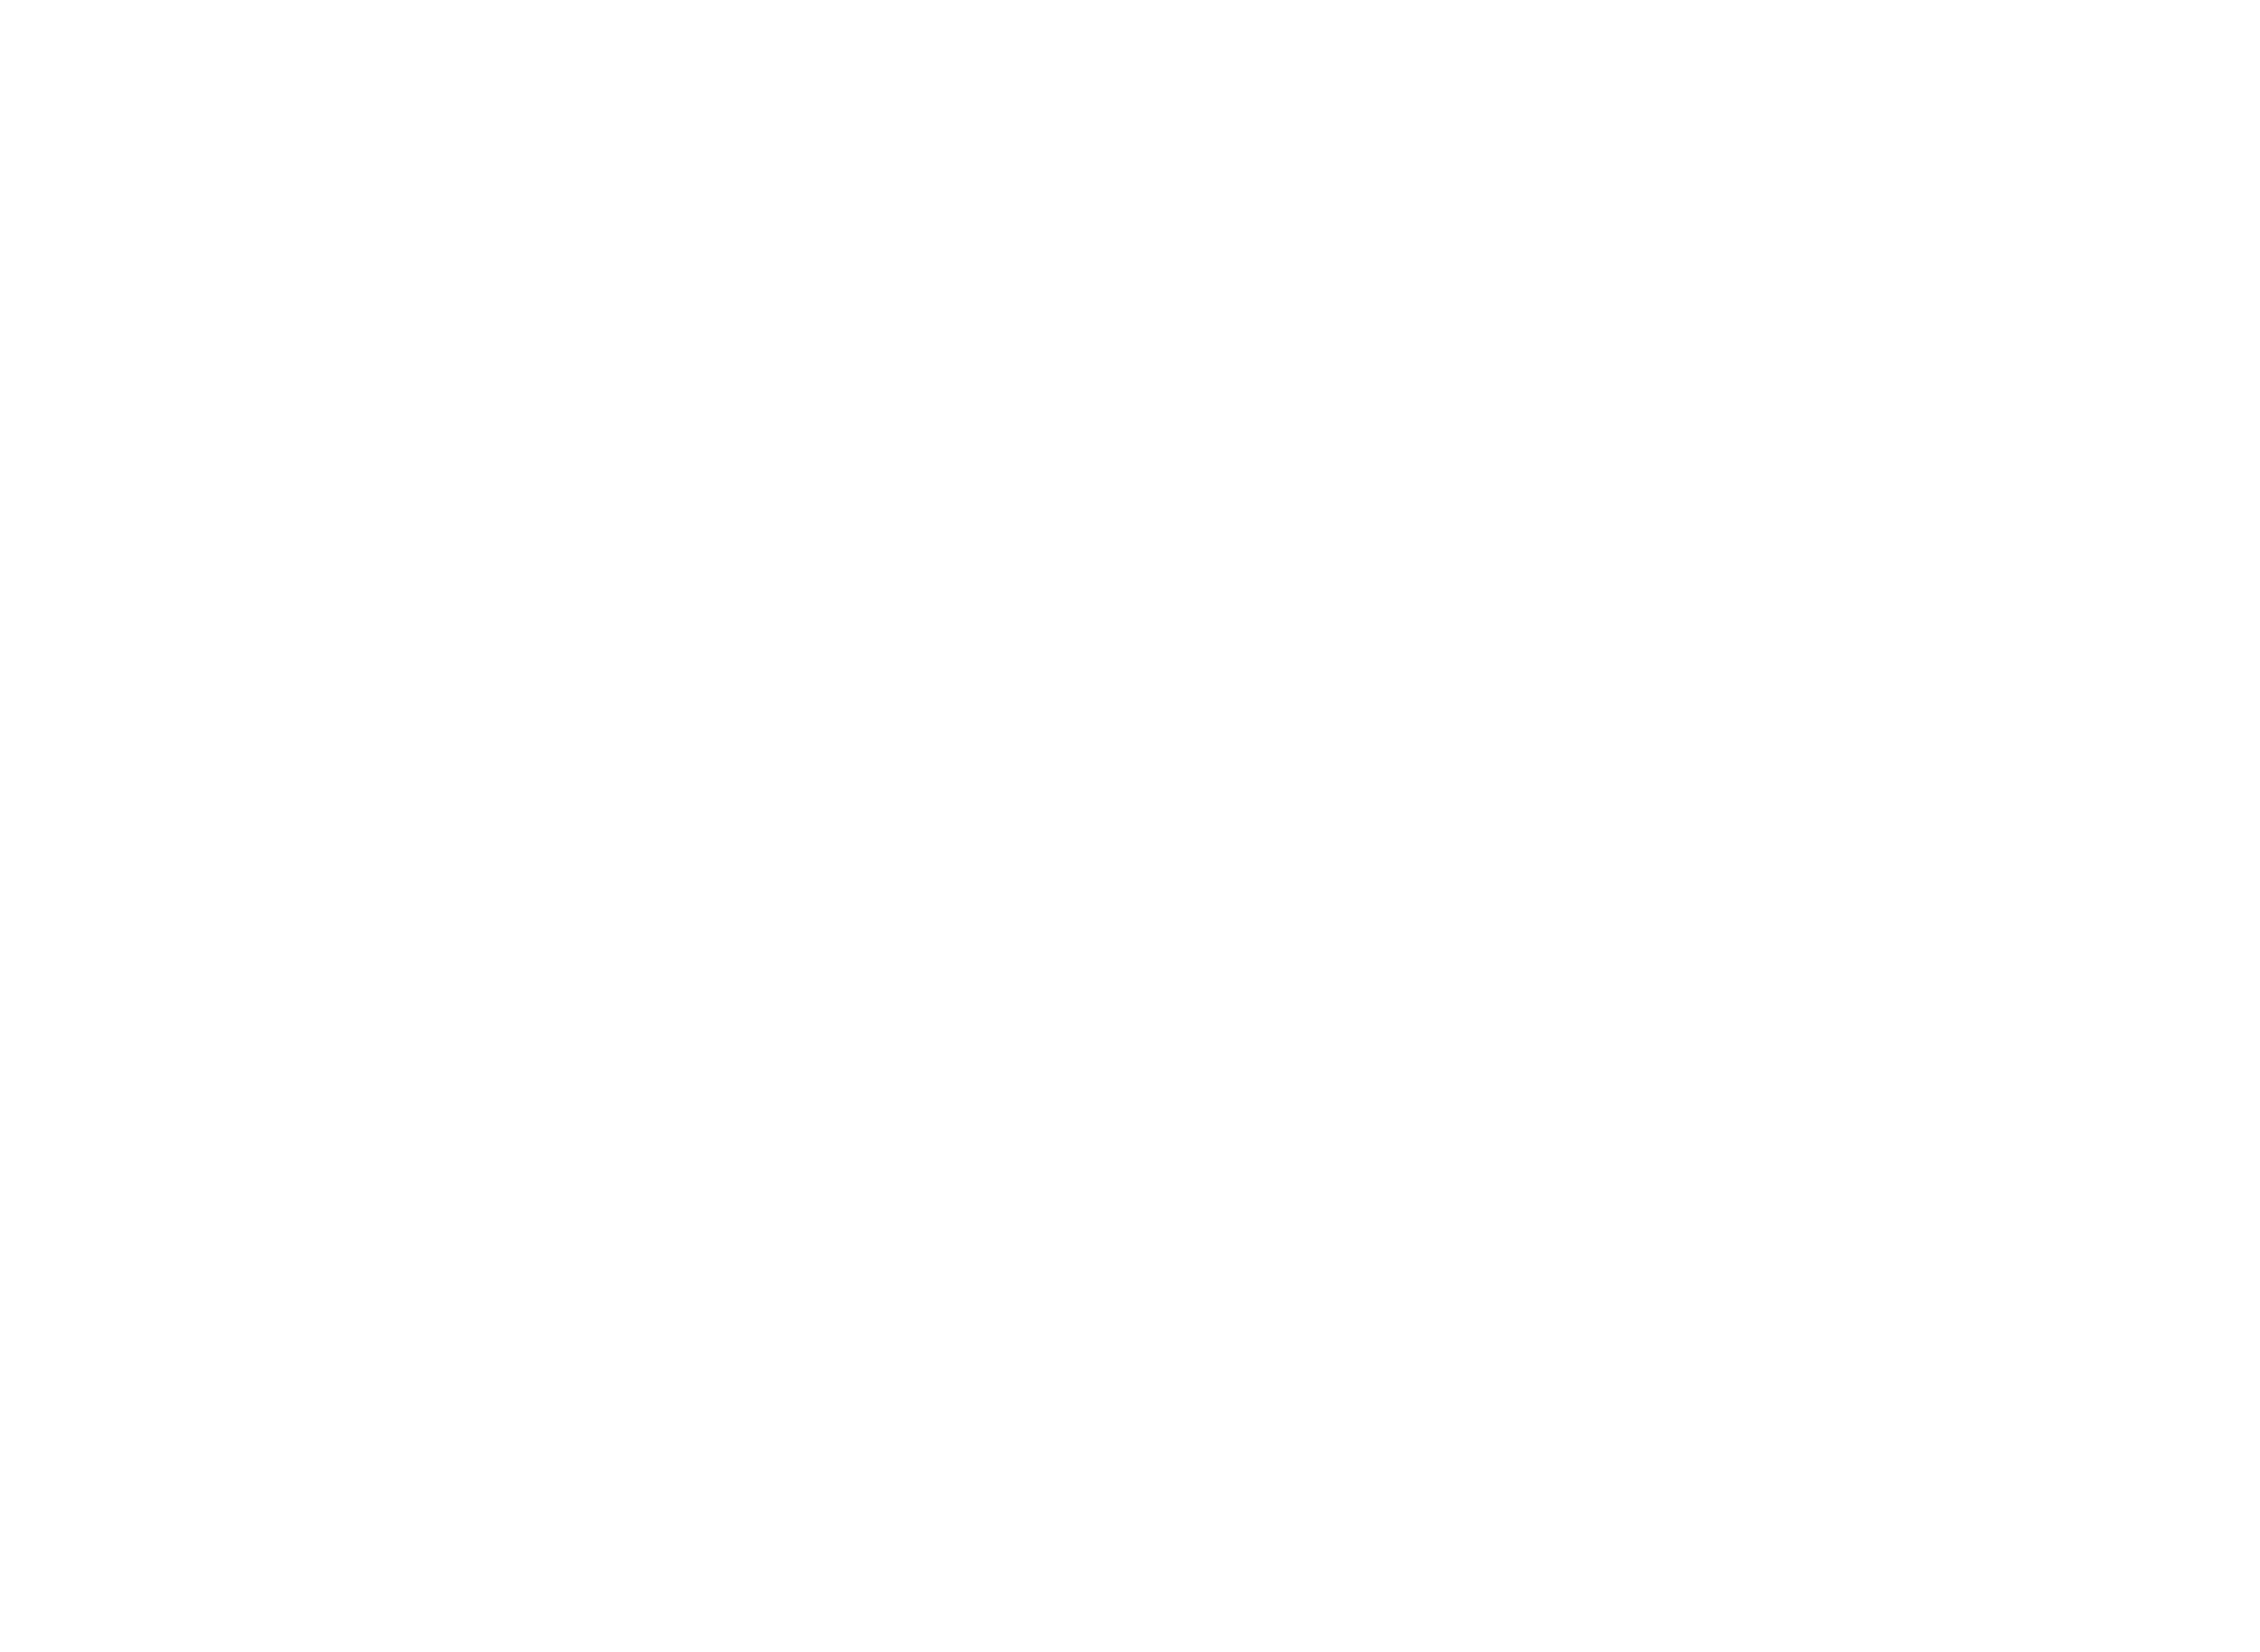 Stichting Welzijn Amsterdam